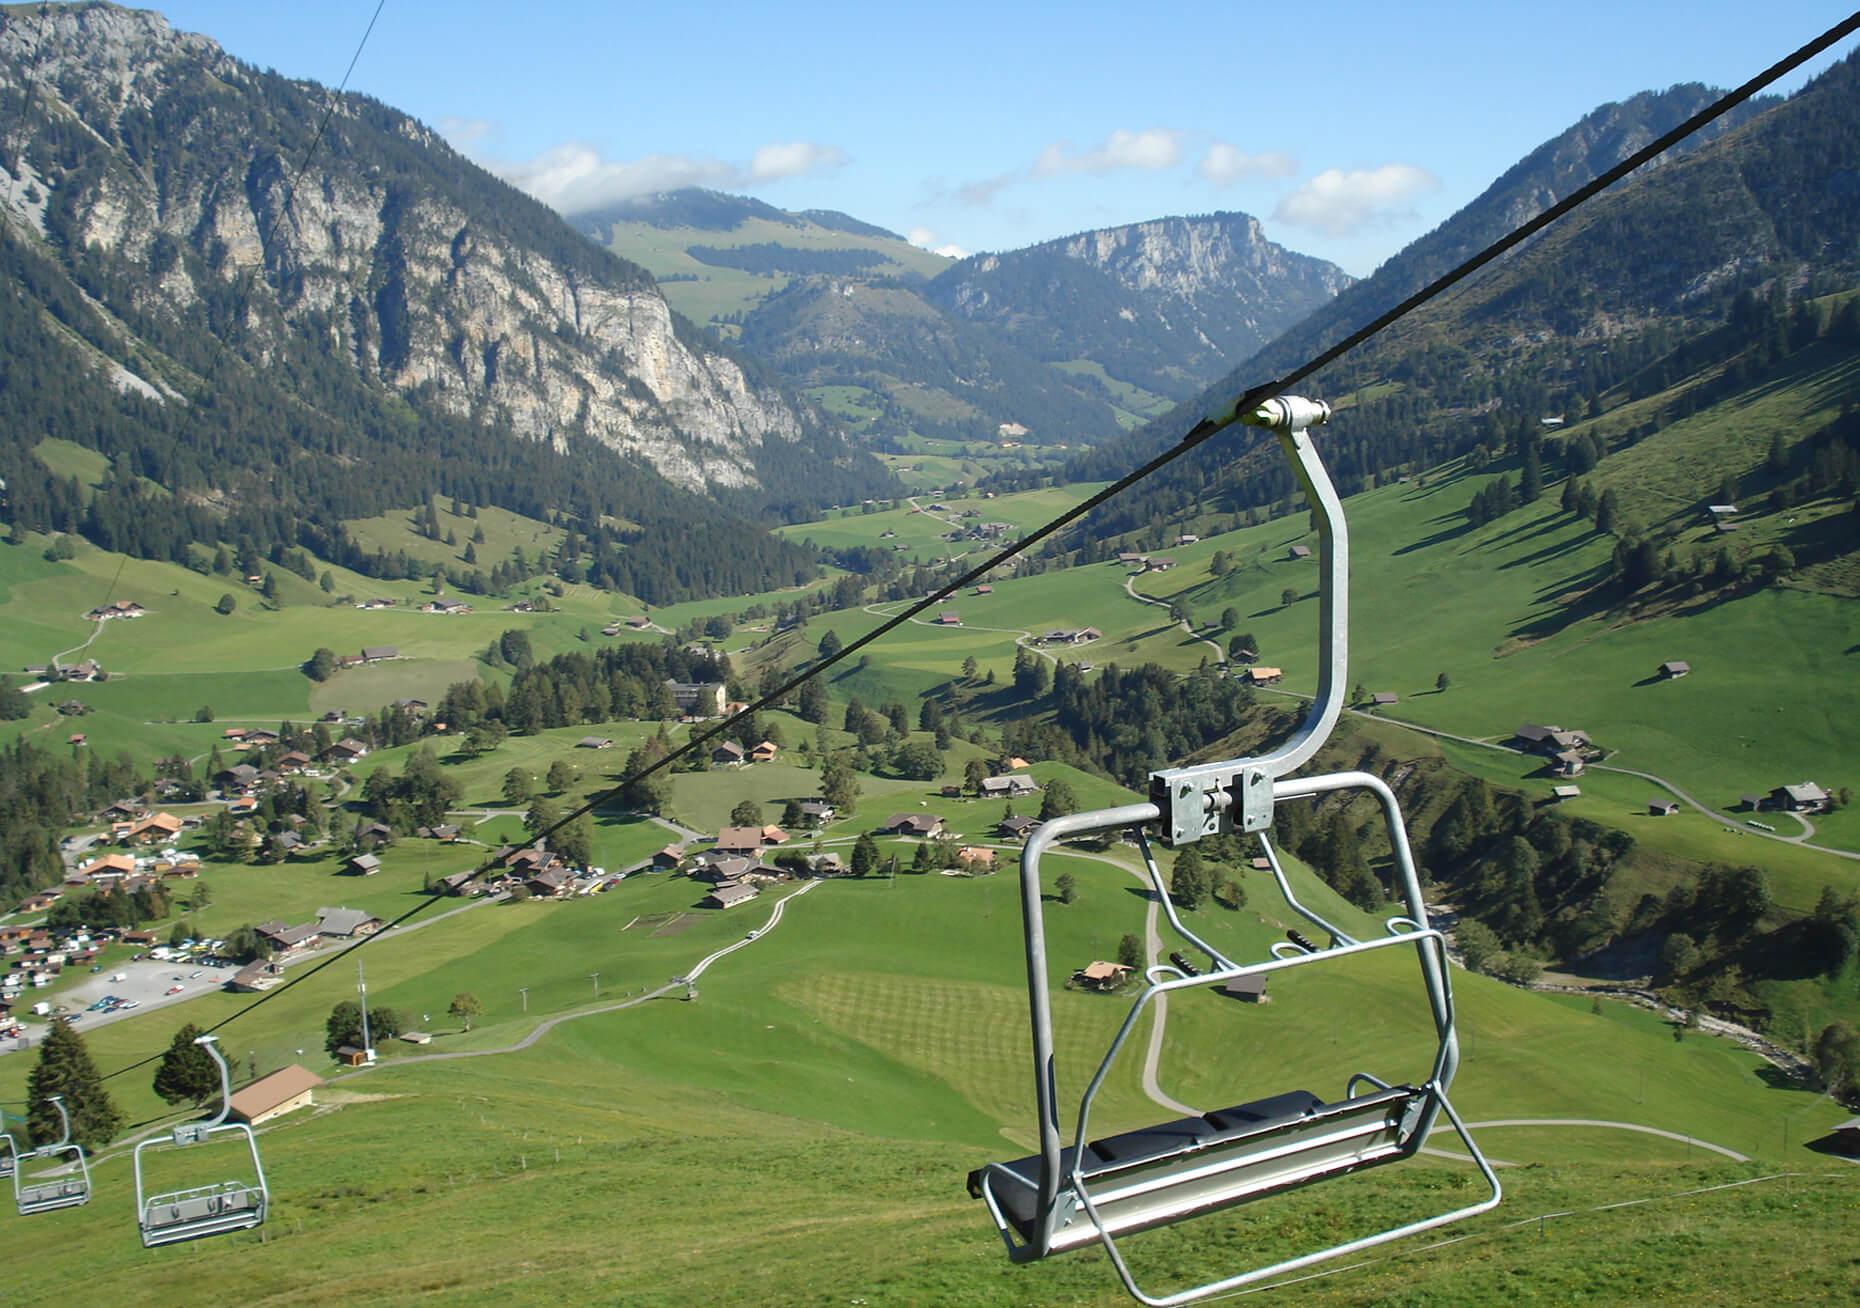 Sesselbahn Grimmialp Sommer